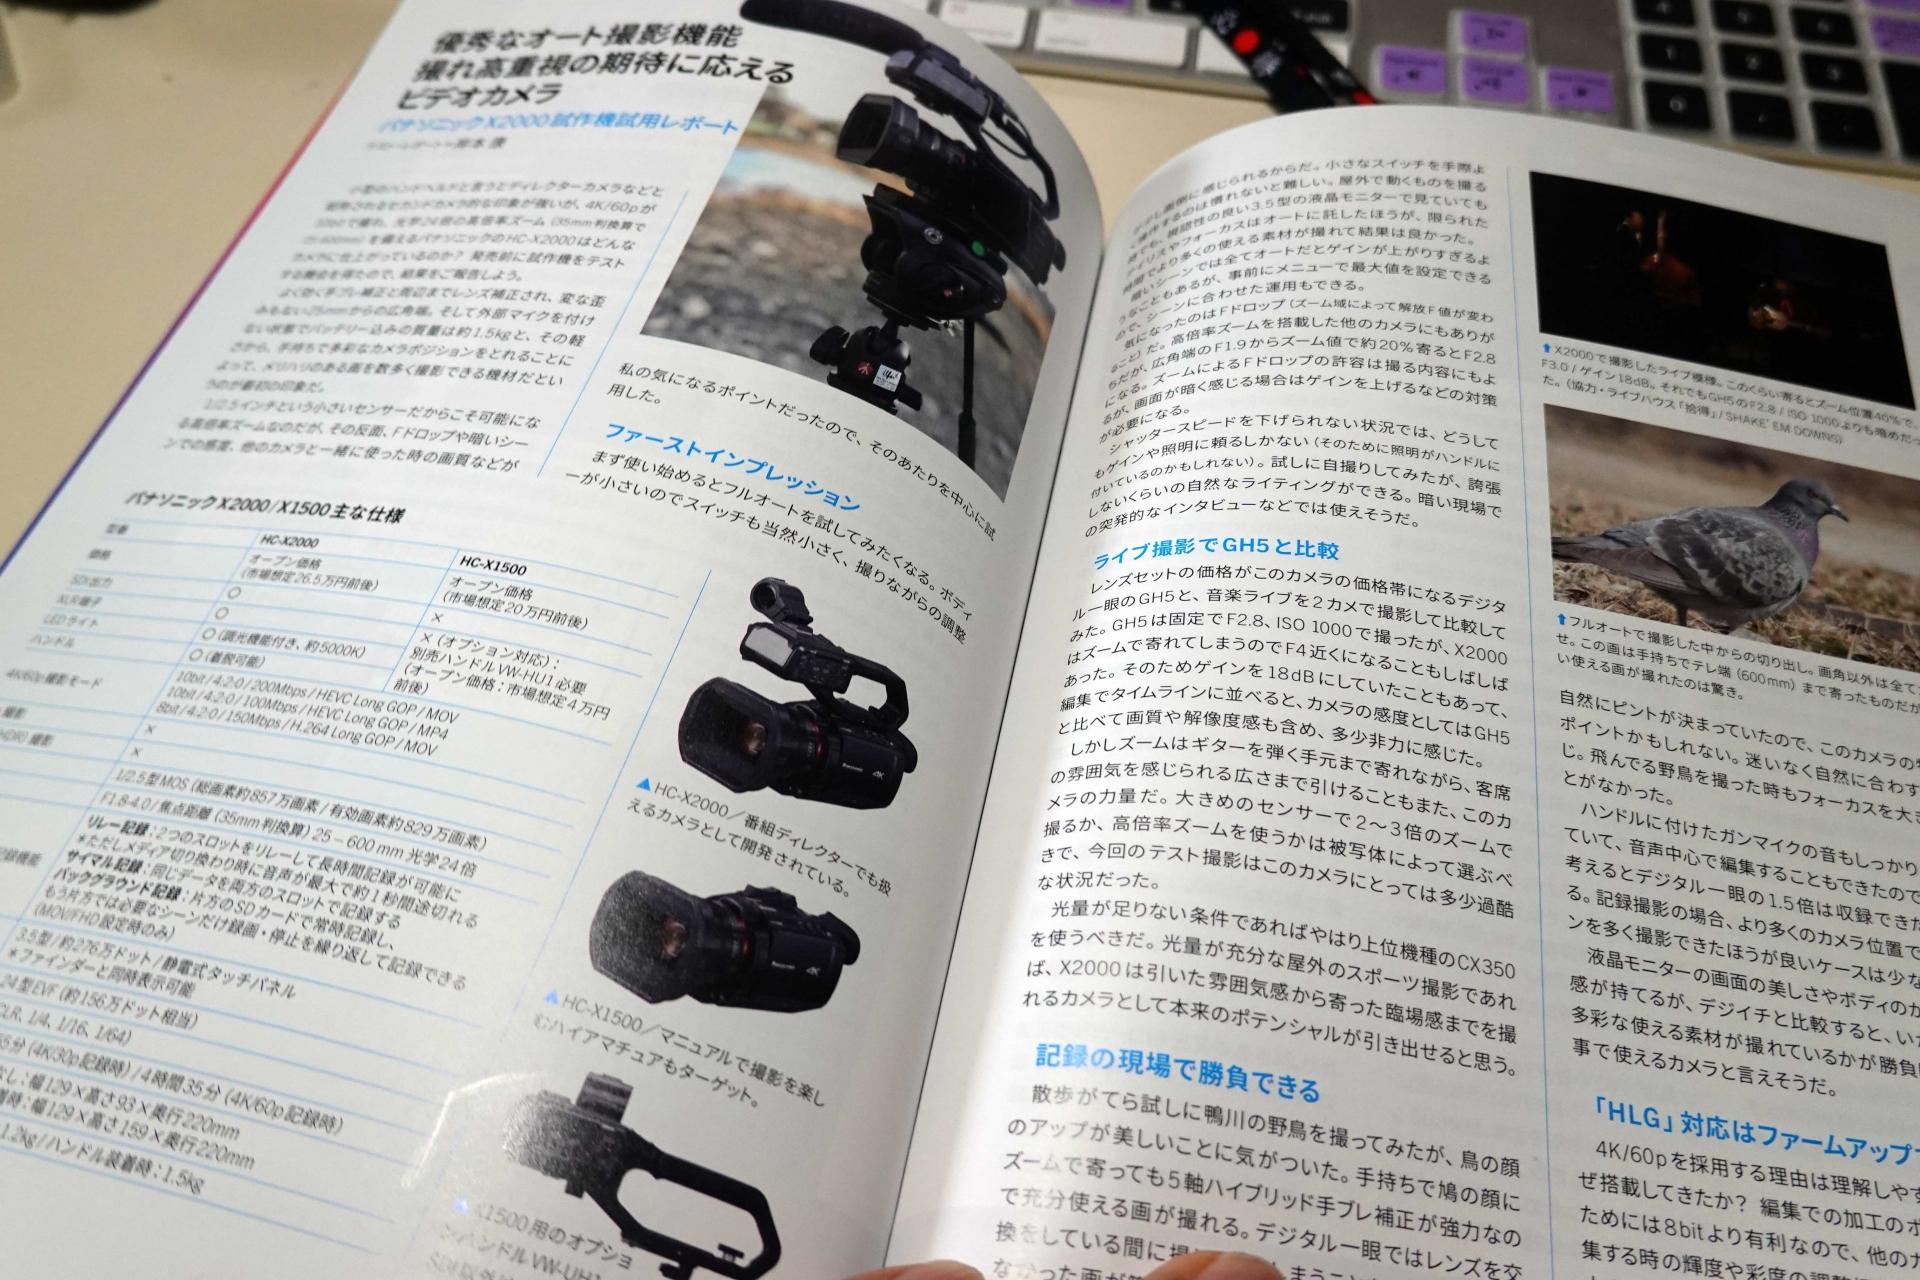 パナソニックX2000/X1500紹介記事